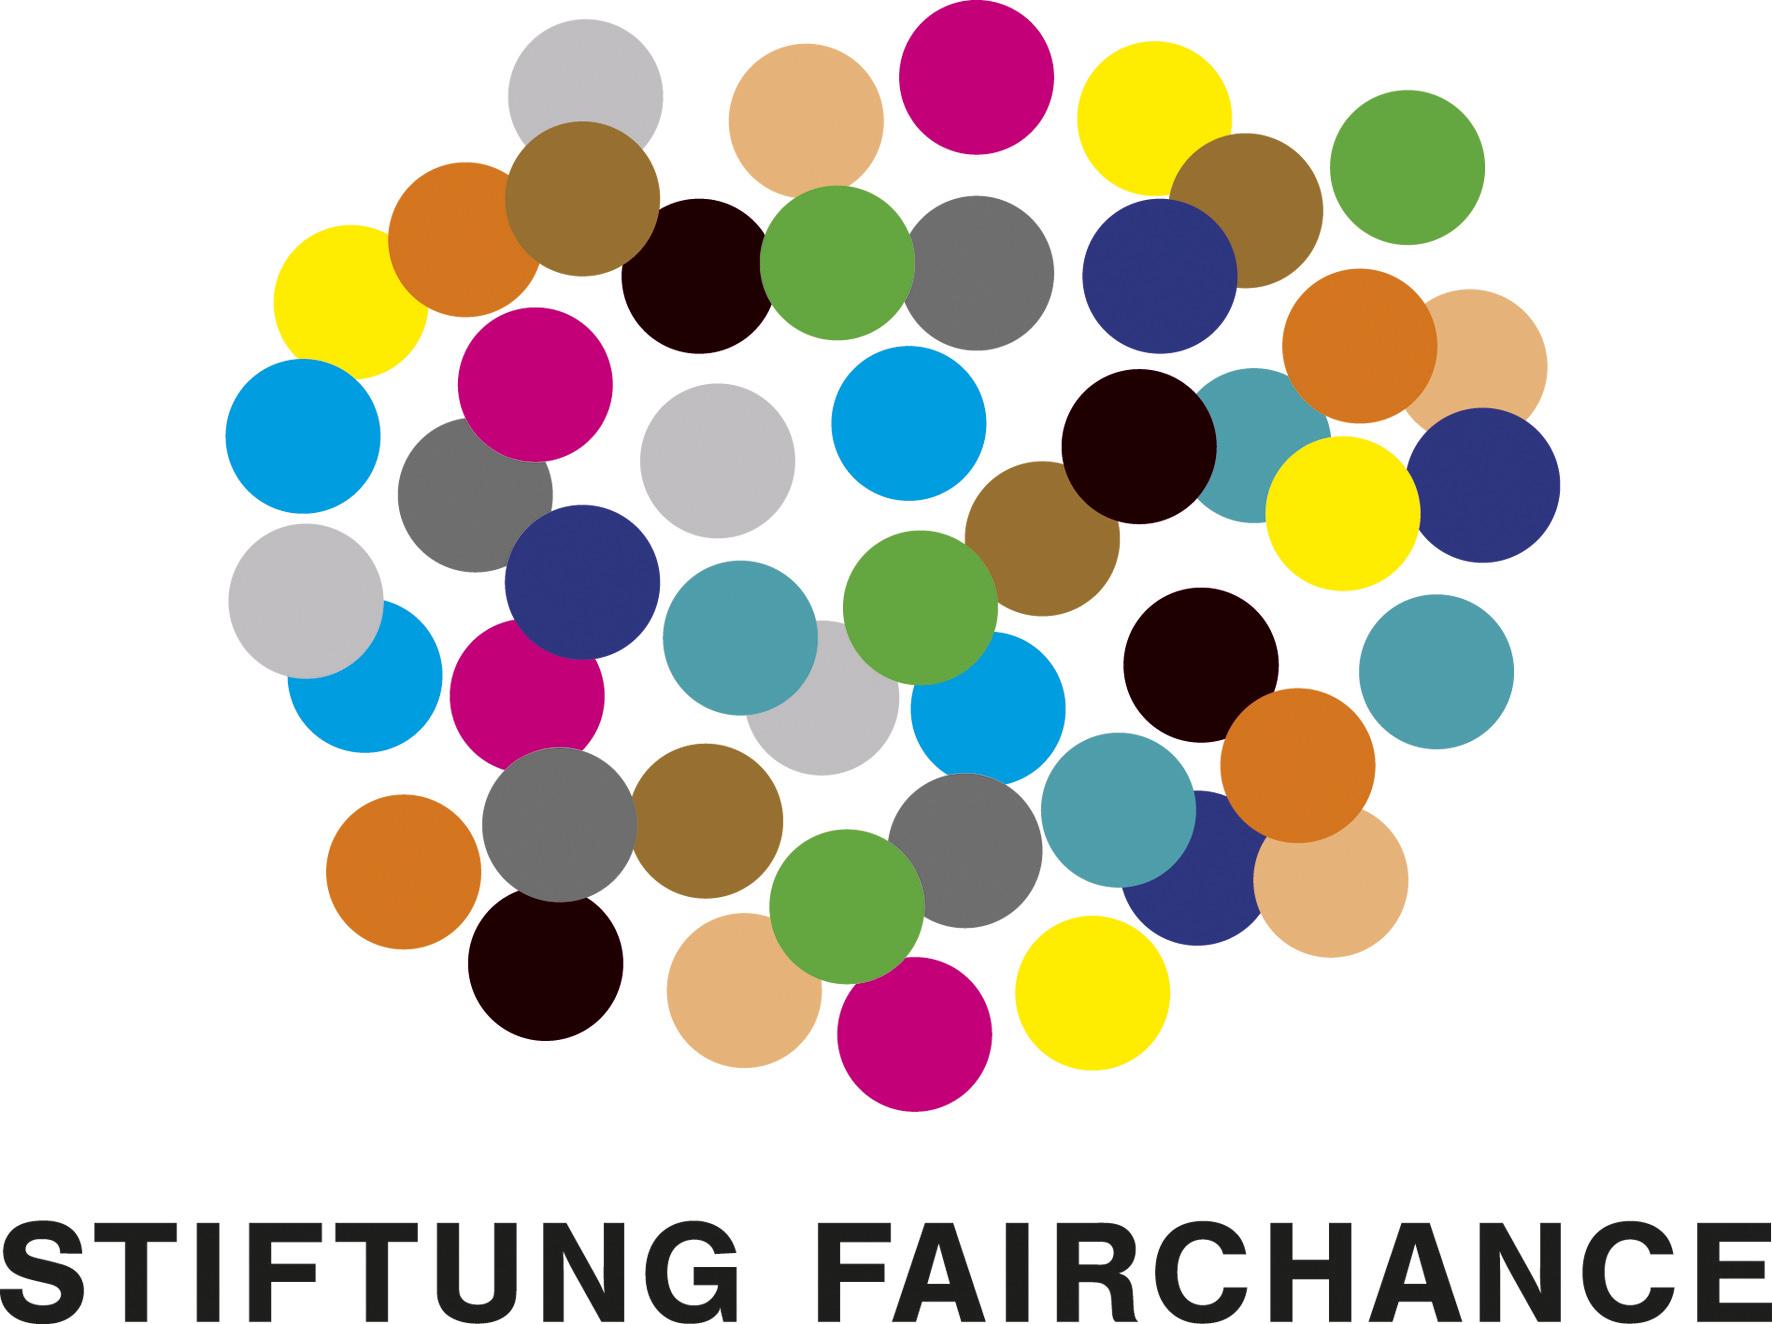 logo_stiftung_fairchance_rgb.jpg